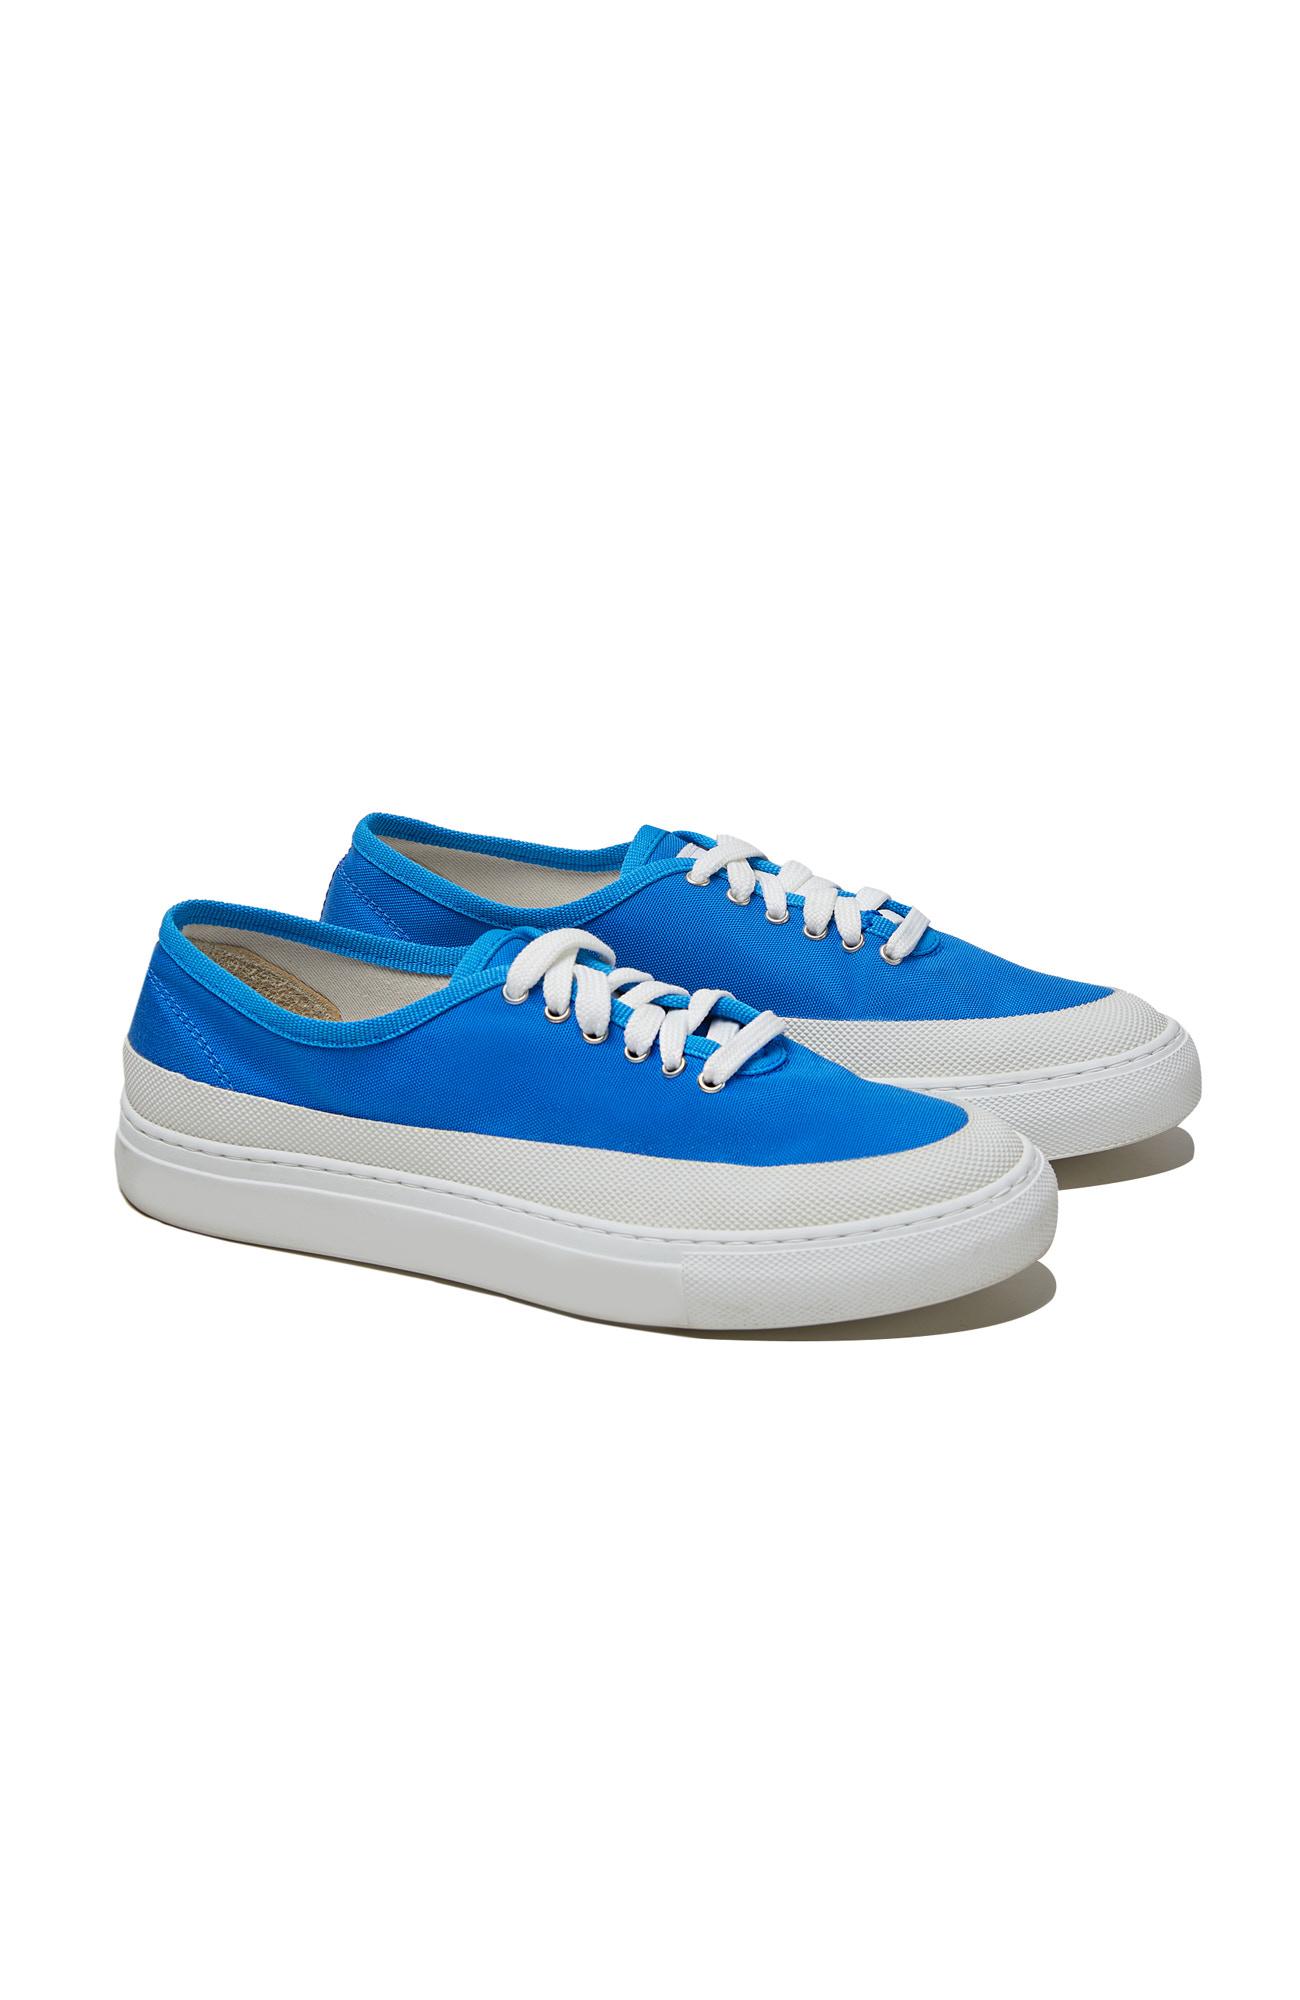 Light blue canvas trainers | Diemme X